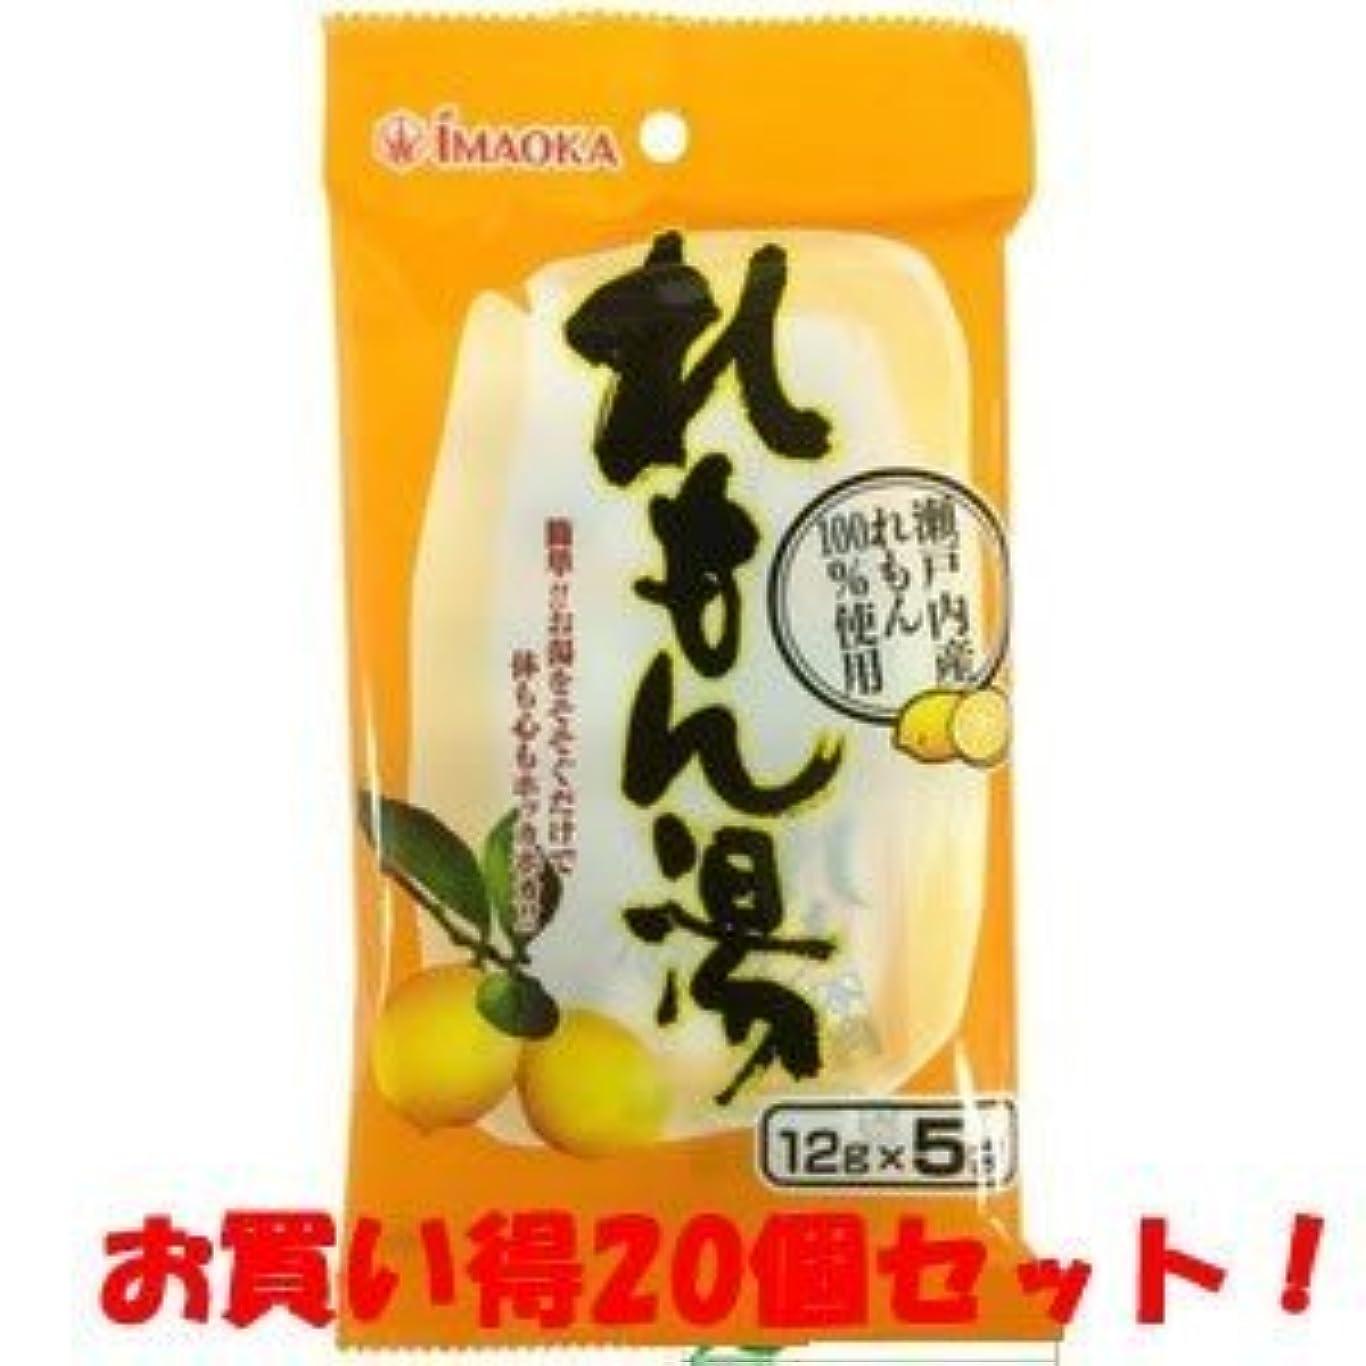 祝福ナース永遠の(今岡製菓)れもん湯 12g×5袋(お買い得20個セット)